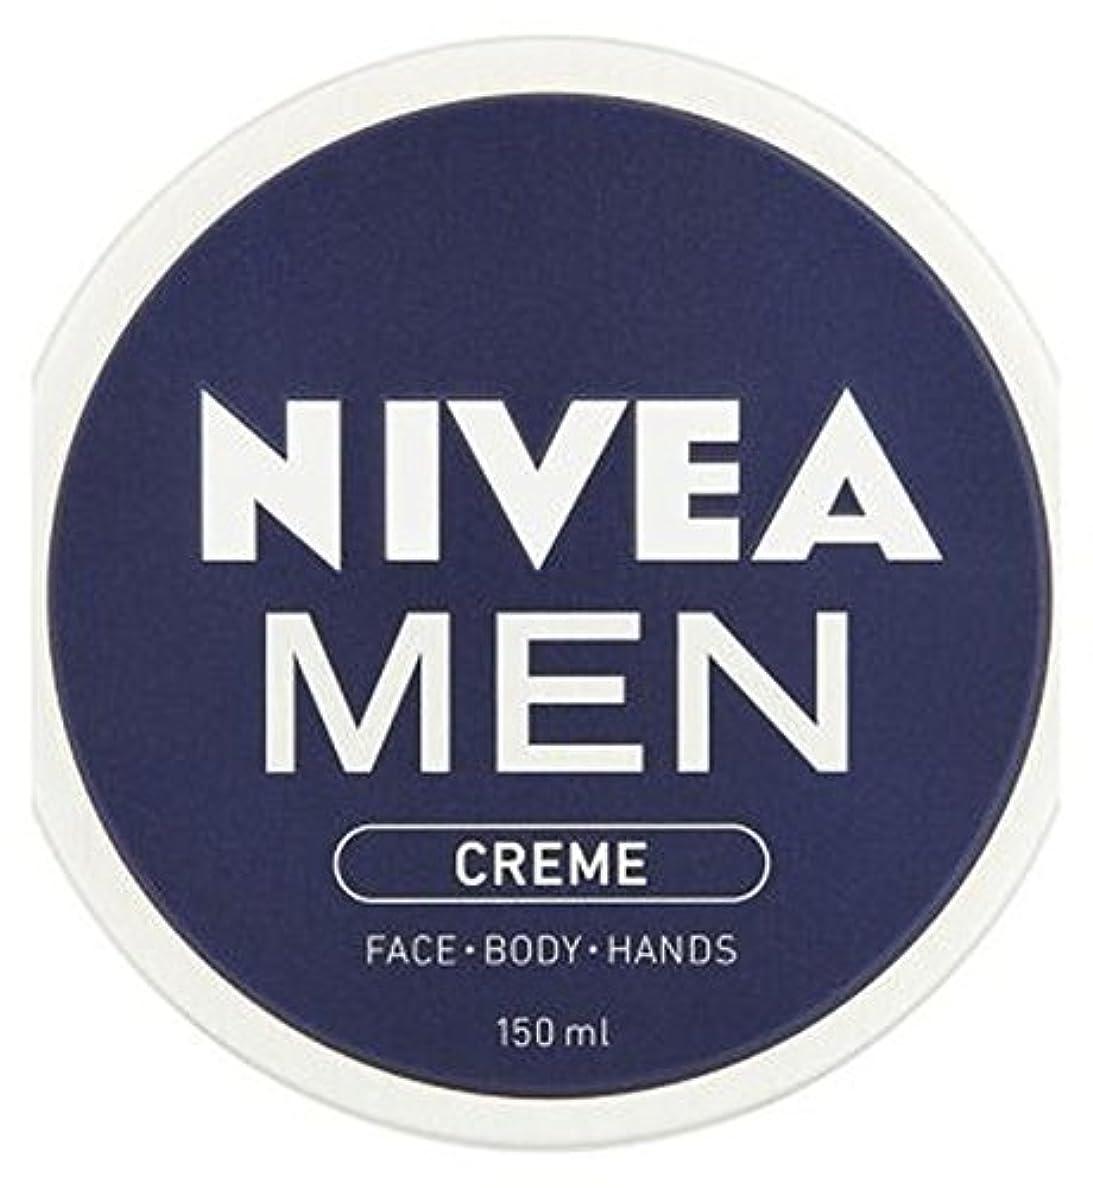 自信がある適度に単位NIVEA MEN Creme 150ml - ニベアの男性が150ミリリットルクリーム (Nivea) [並行輸入品]